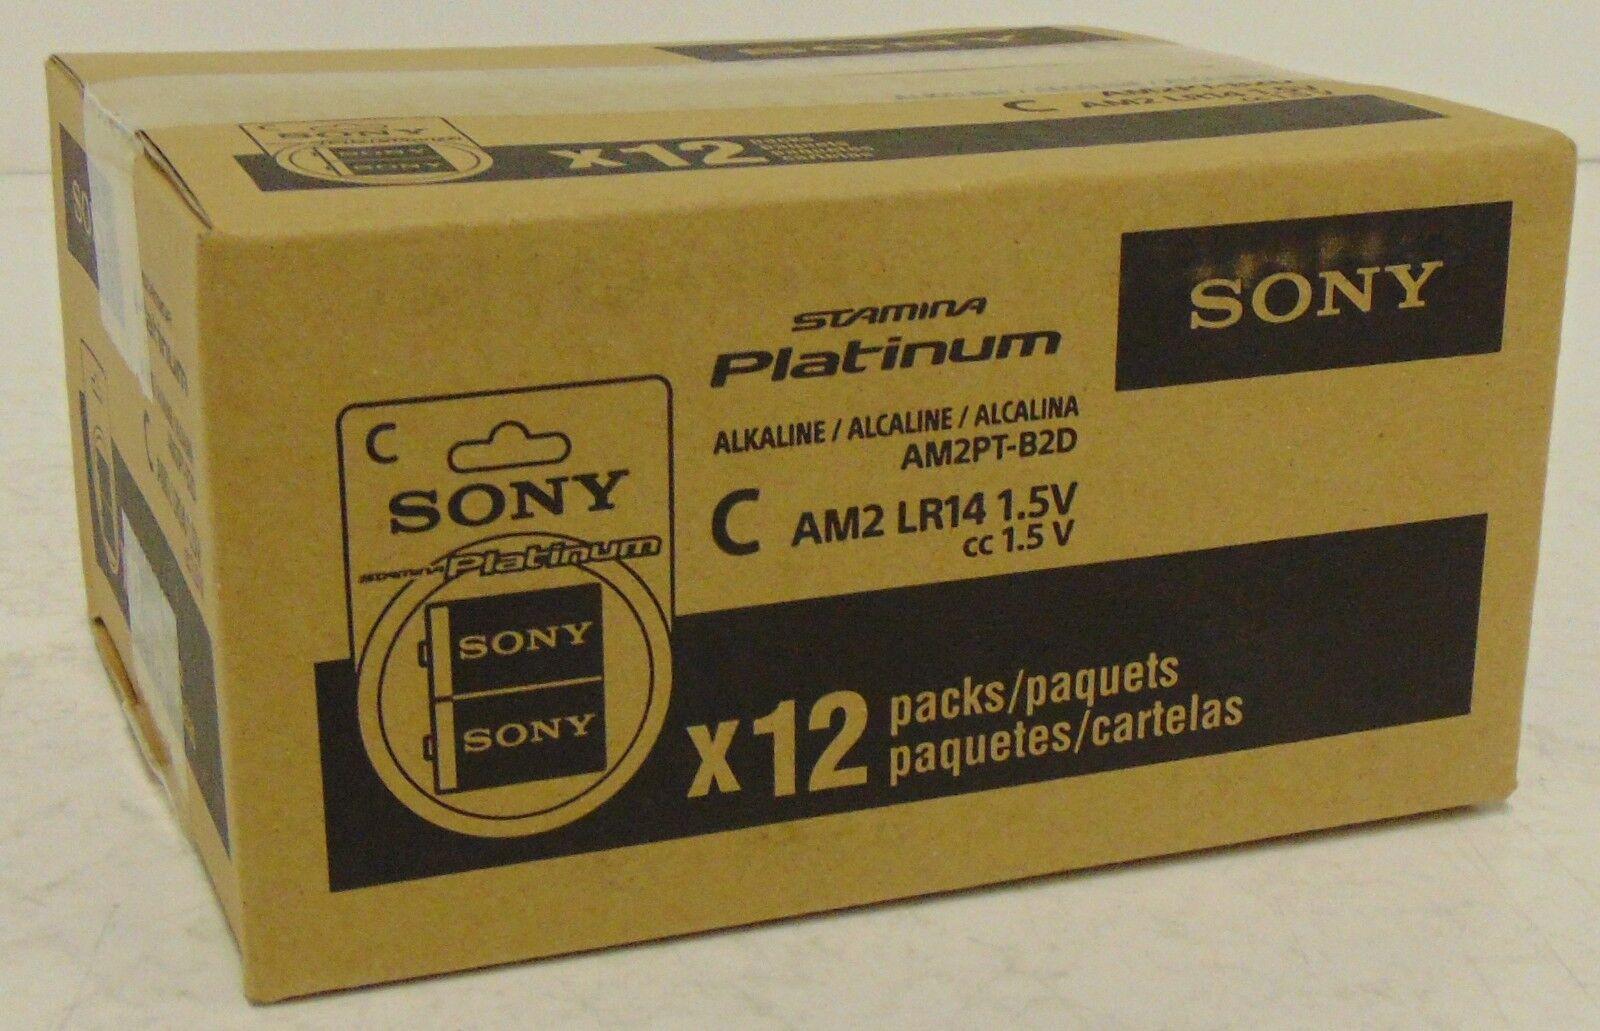 Sony AM2PT-B2D Stamina Platinum Alkaline C Batteries